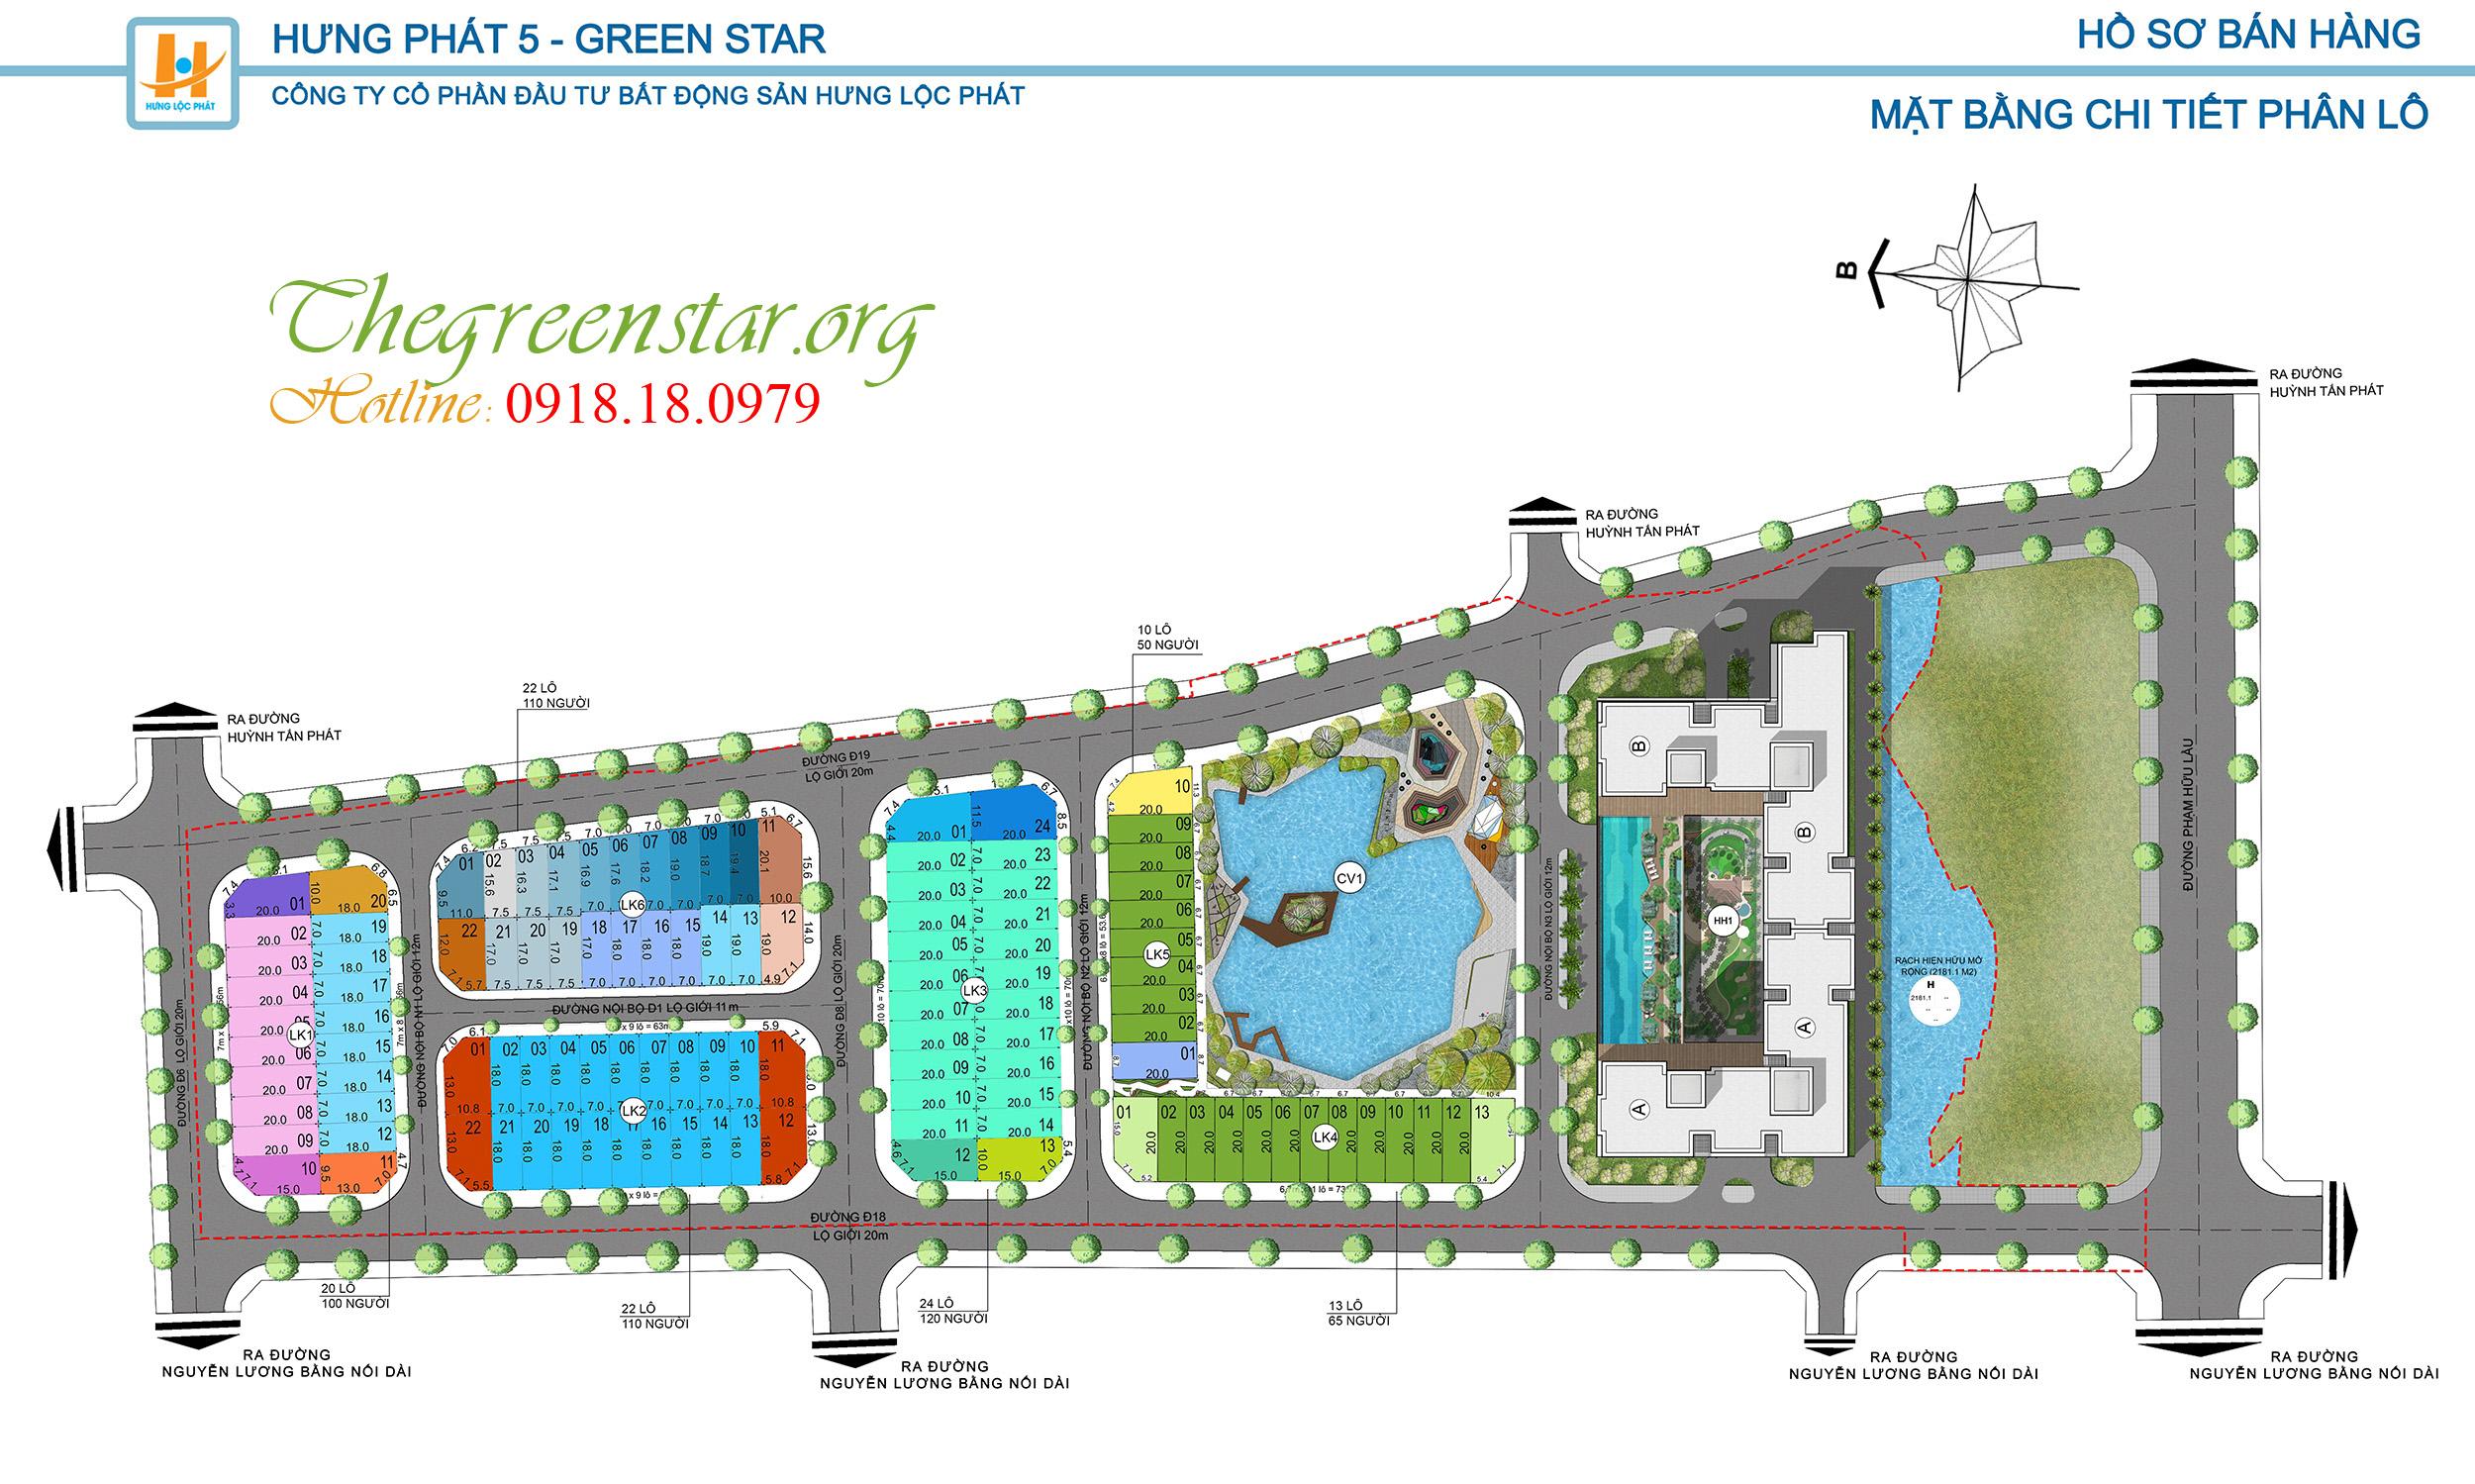 Thiết kế biệt thự Green Star Hưng Phát Quận 7